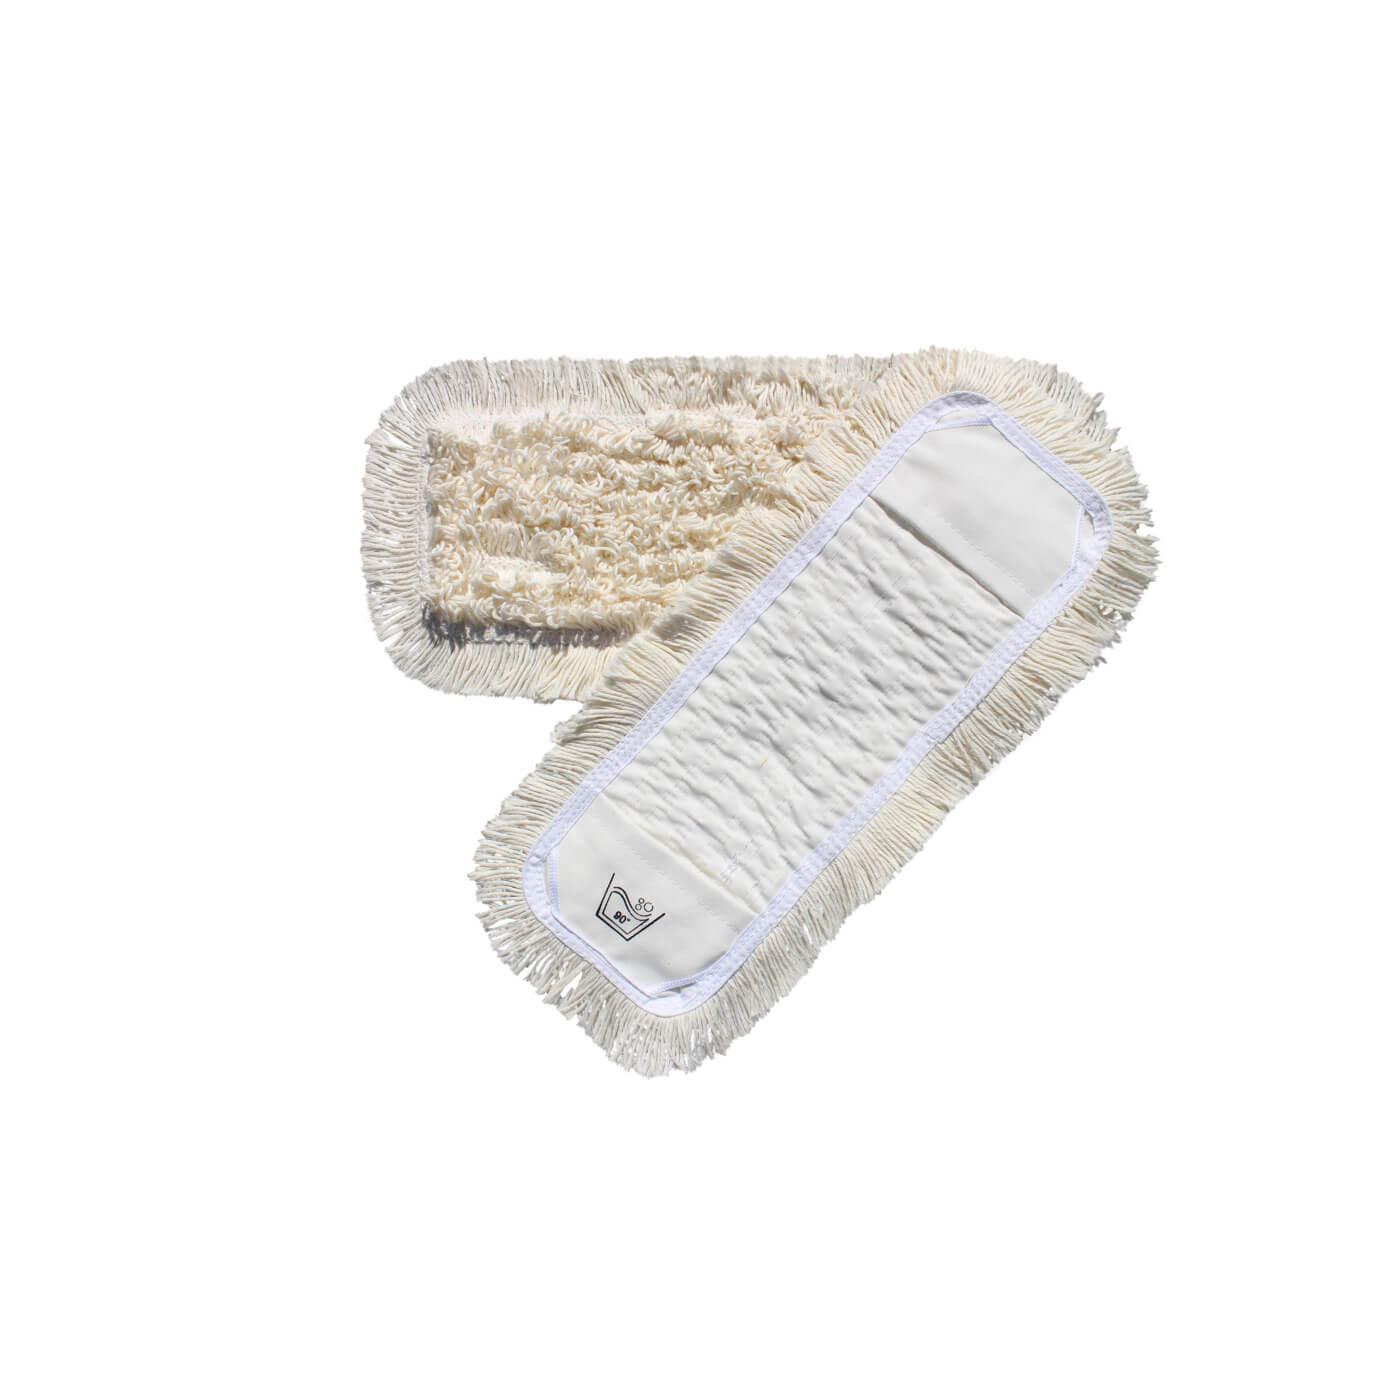 Drypmop/garnmop, med lommer og lukkede kantløkker, til 40 cm. fremfører